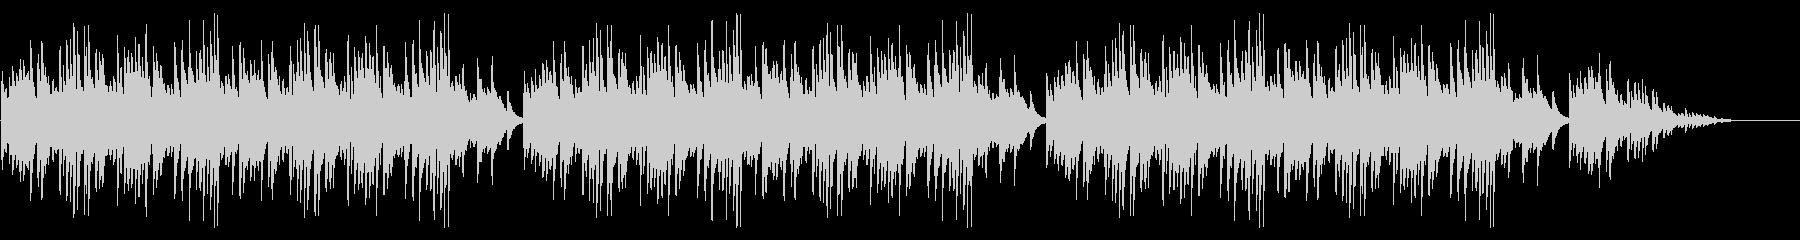 「どんぐりころころ」シンプルなピアノソロの未再生の波形